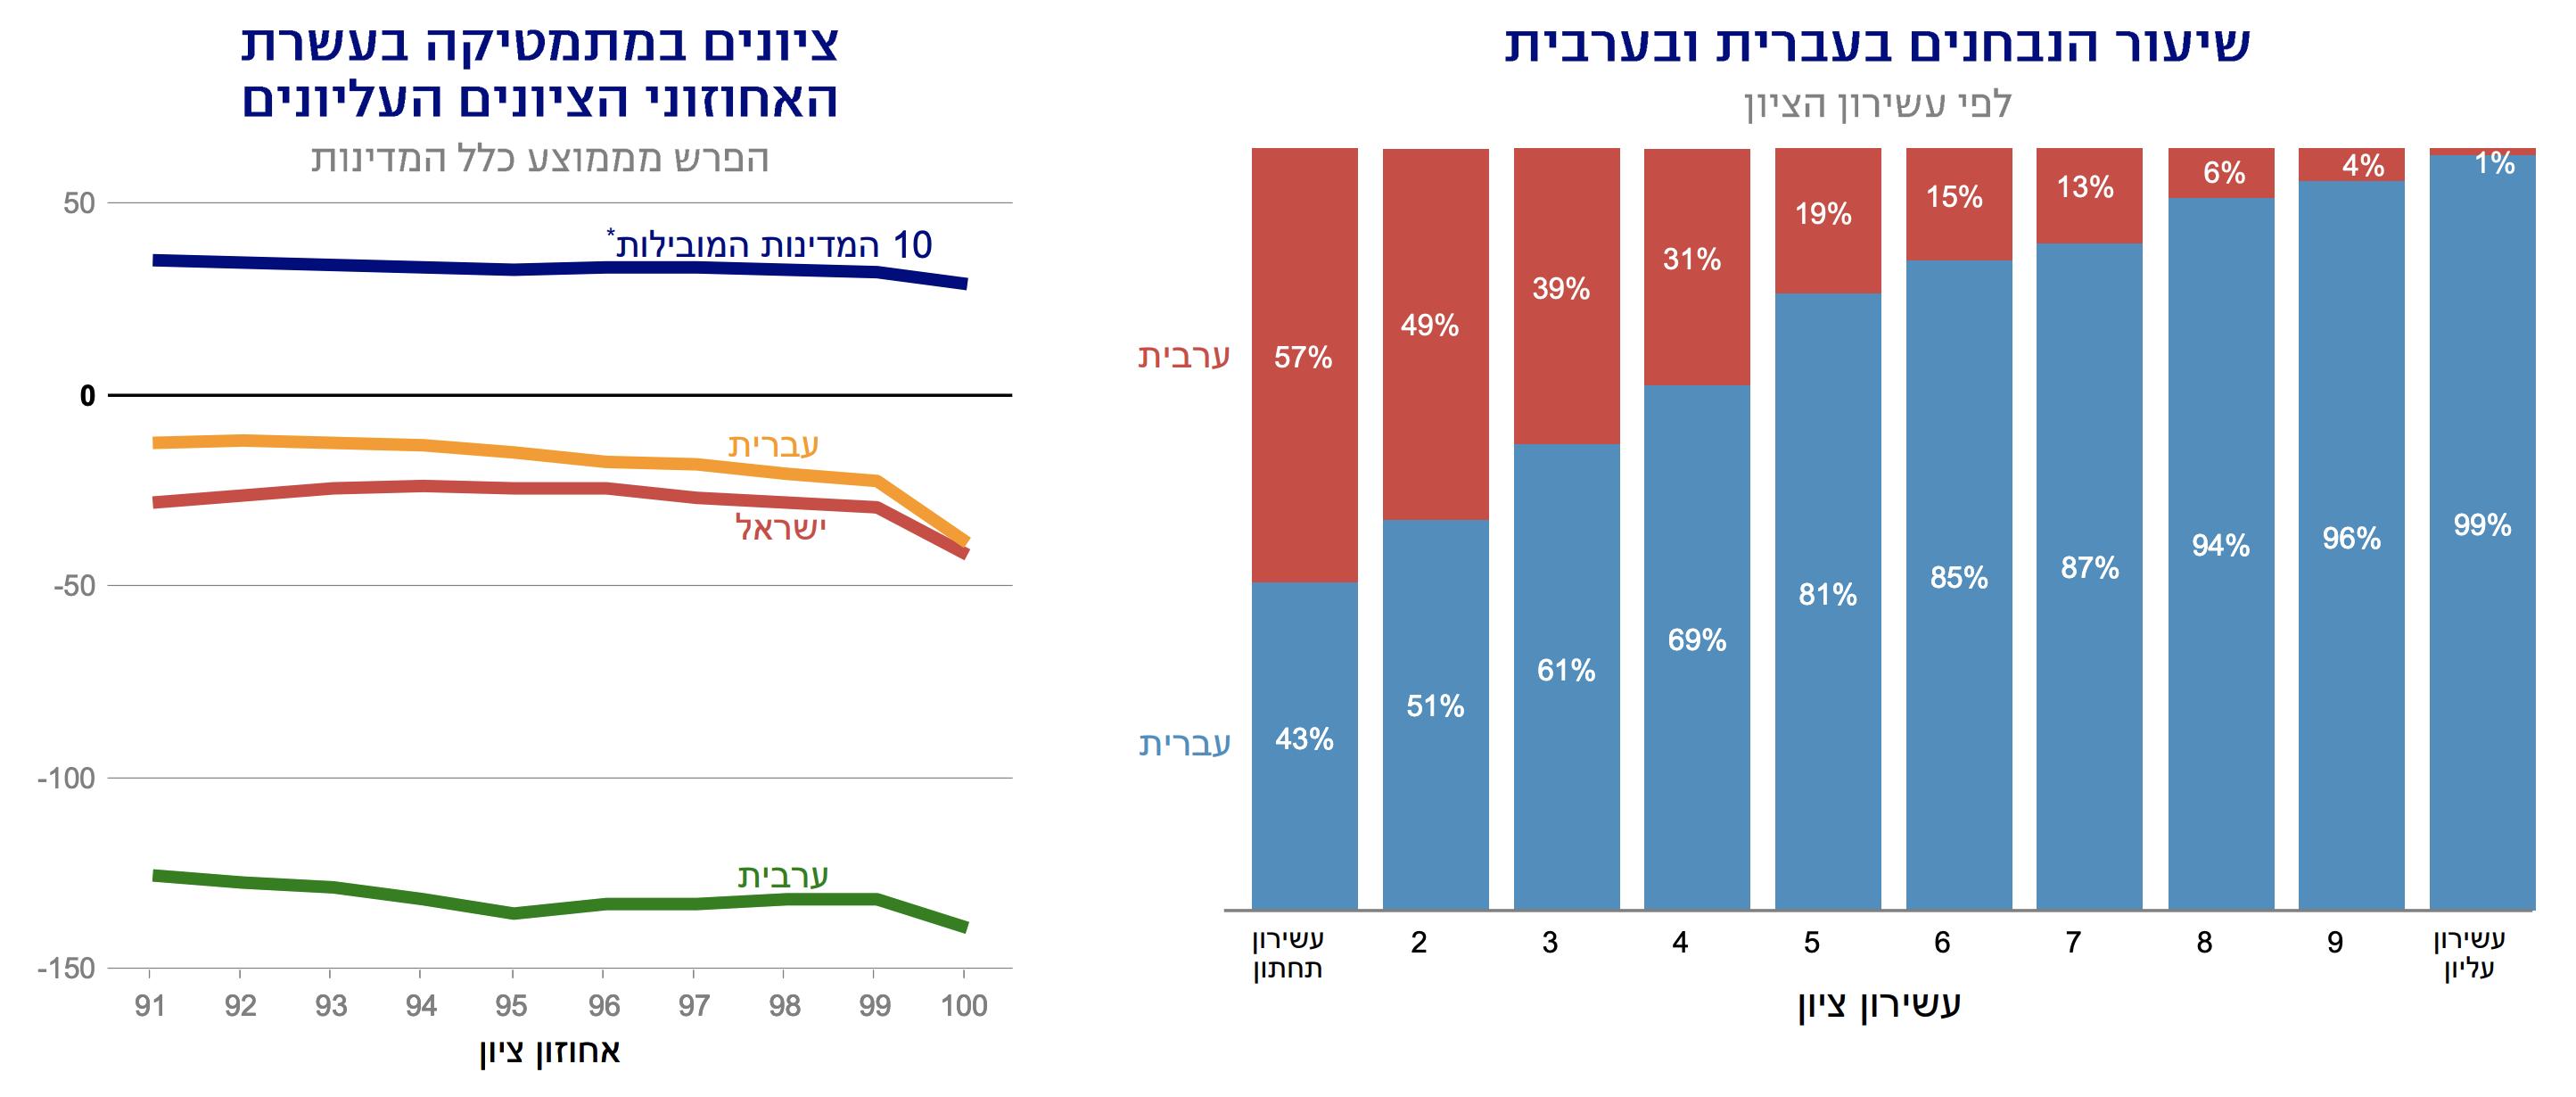 מבחני פיזה יהודים וערבים